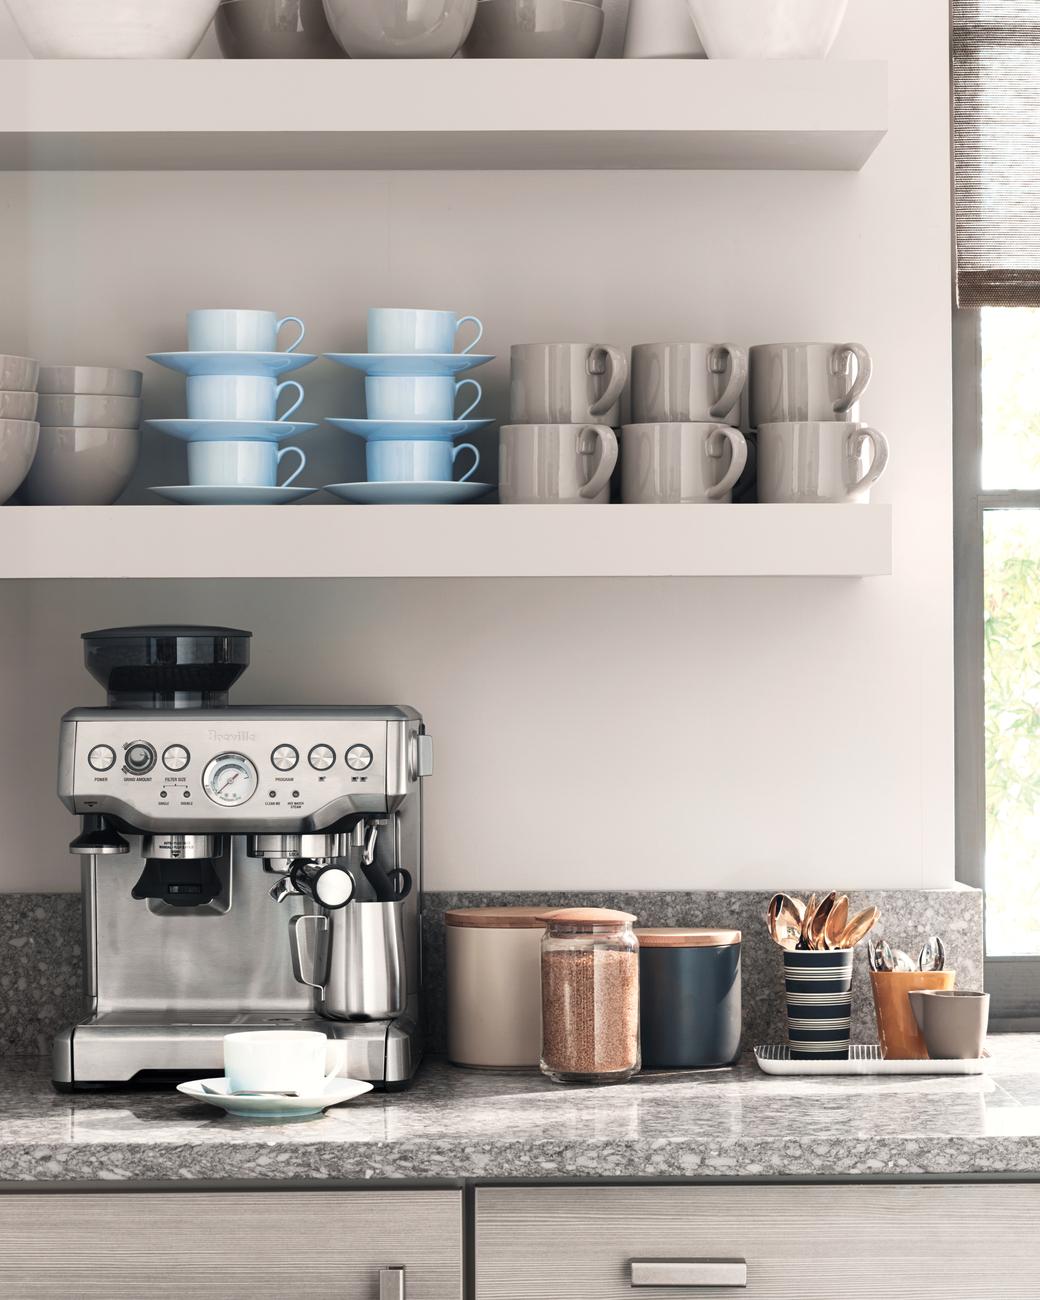 Kitchen Goals Heretomakelifeeasy: Kitchen Storage Ideas For Busy Parents